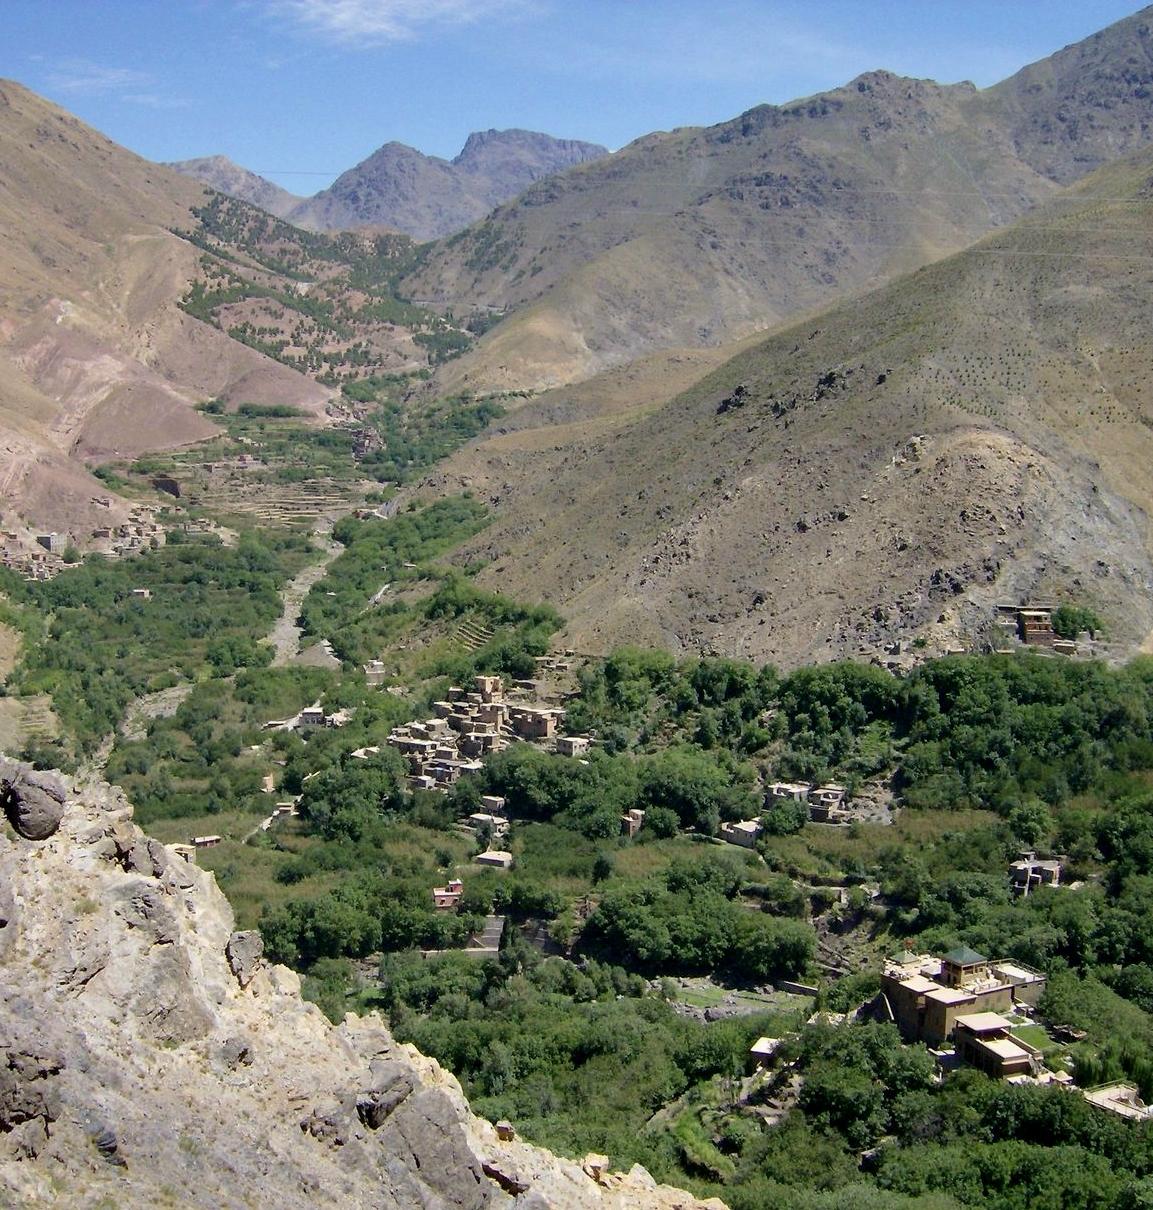 Viaje de Trekking al Toubkal (Marruecos)